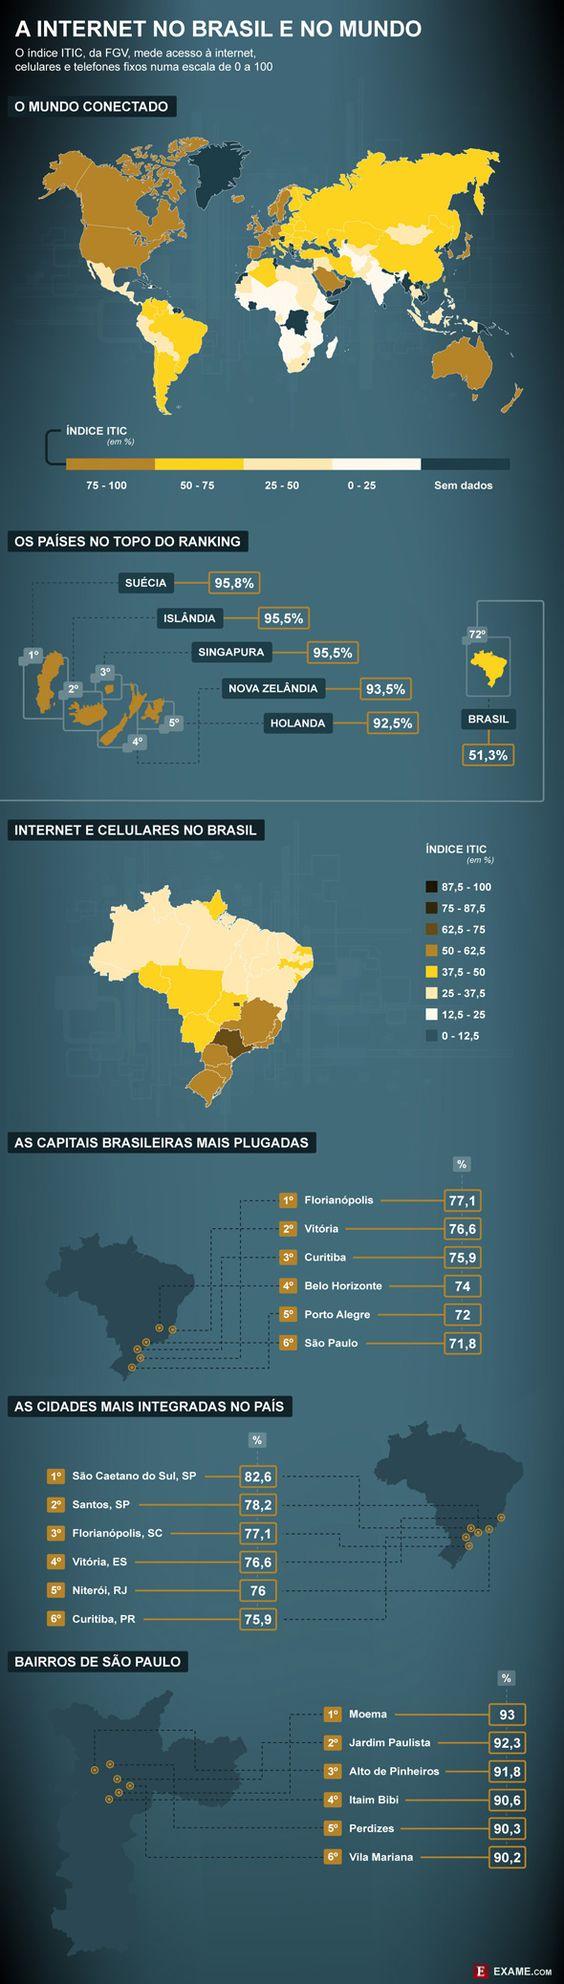 A internet no Brasil e no mundo (mobile):